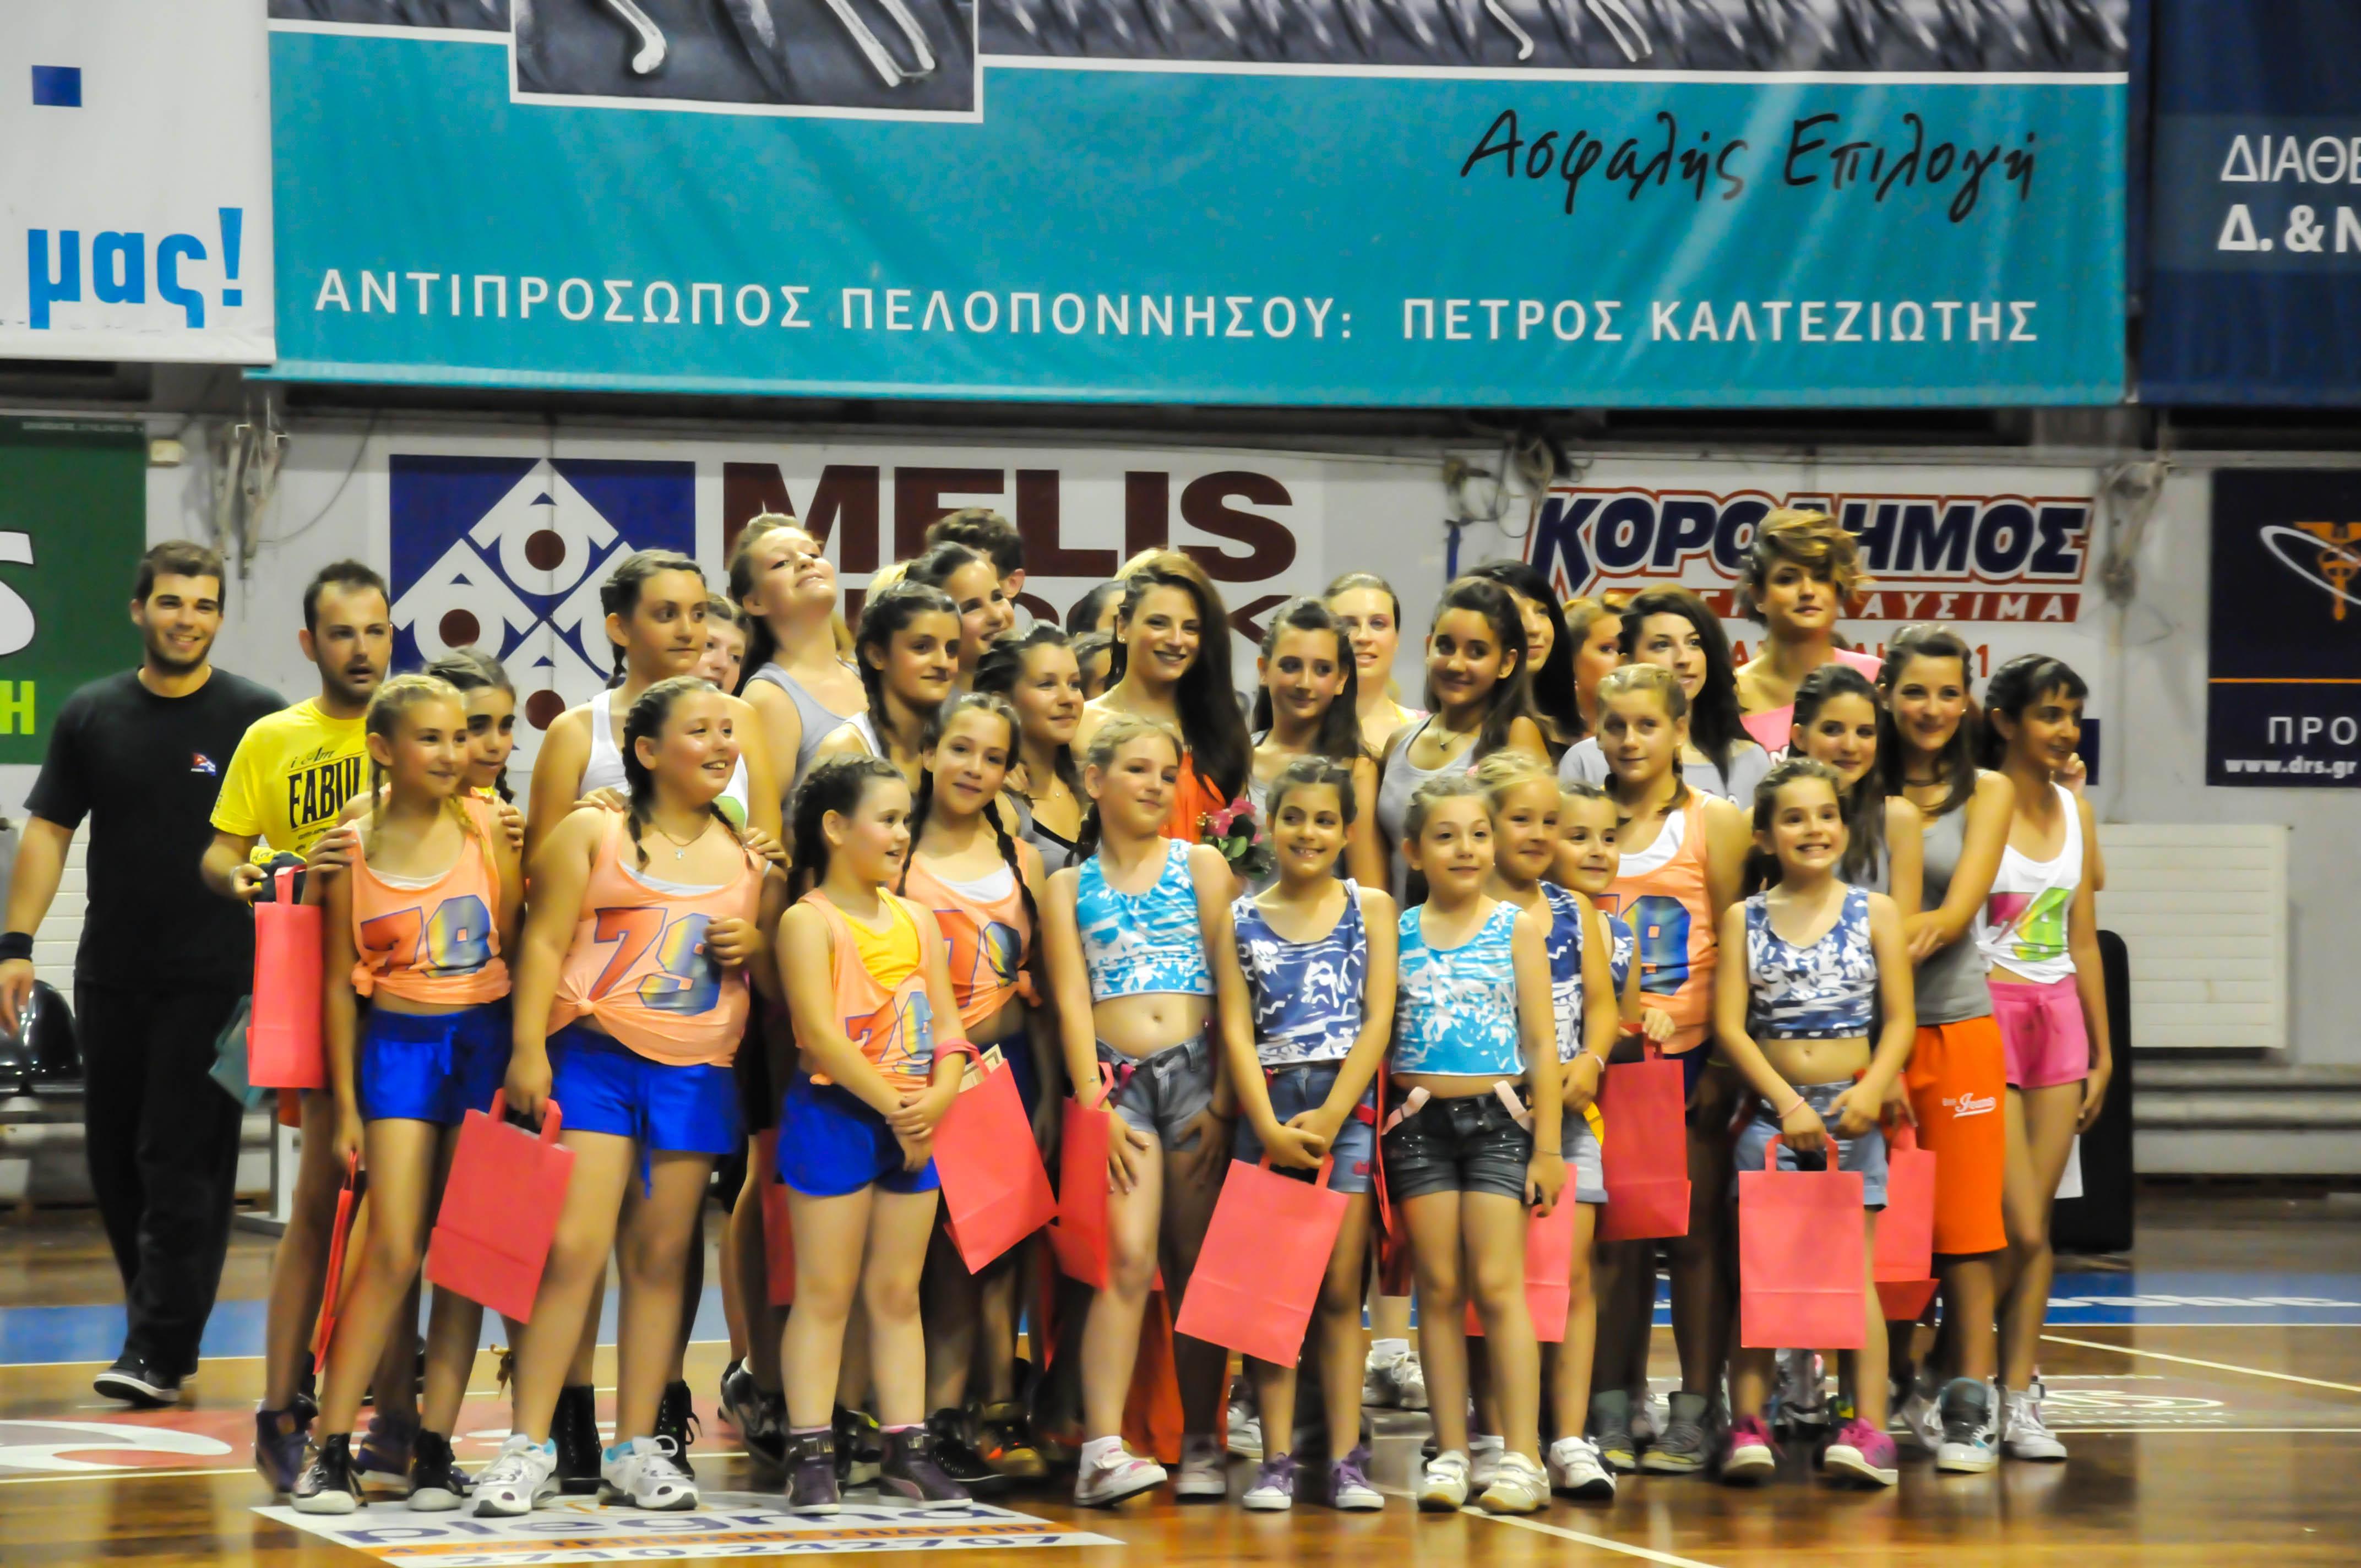 4η Ετήσια Παράσταση Γυμναστηρίου «TOP GYM» Photo Almbum